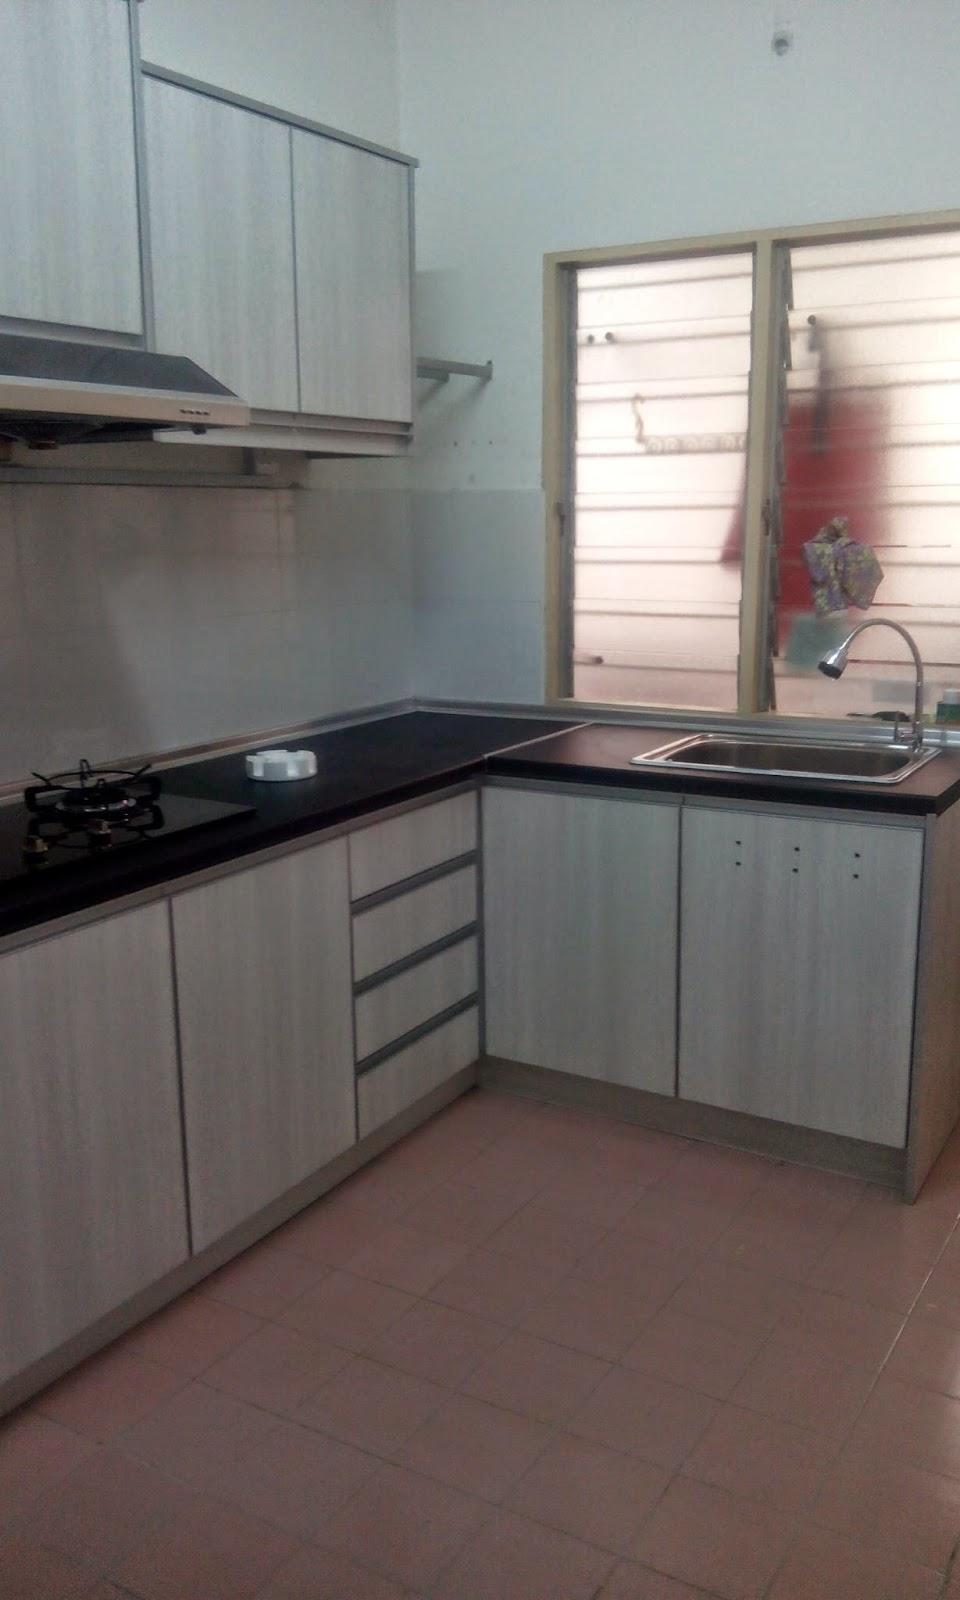 Kabinet Dapur Rumah Flat Ppr Desainrumahid